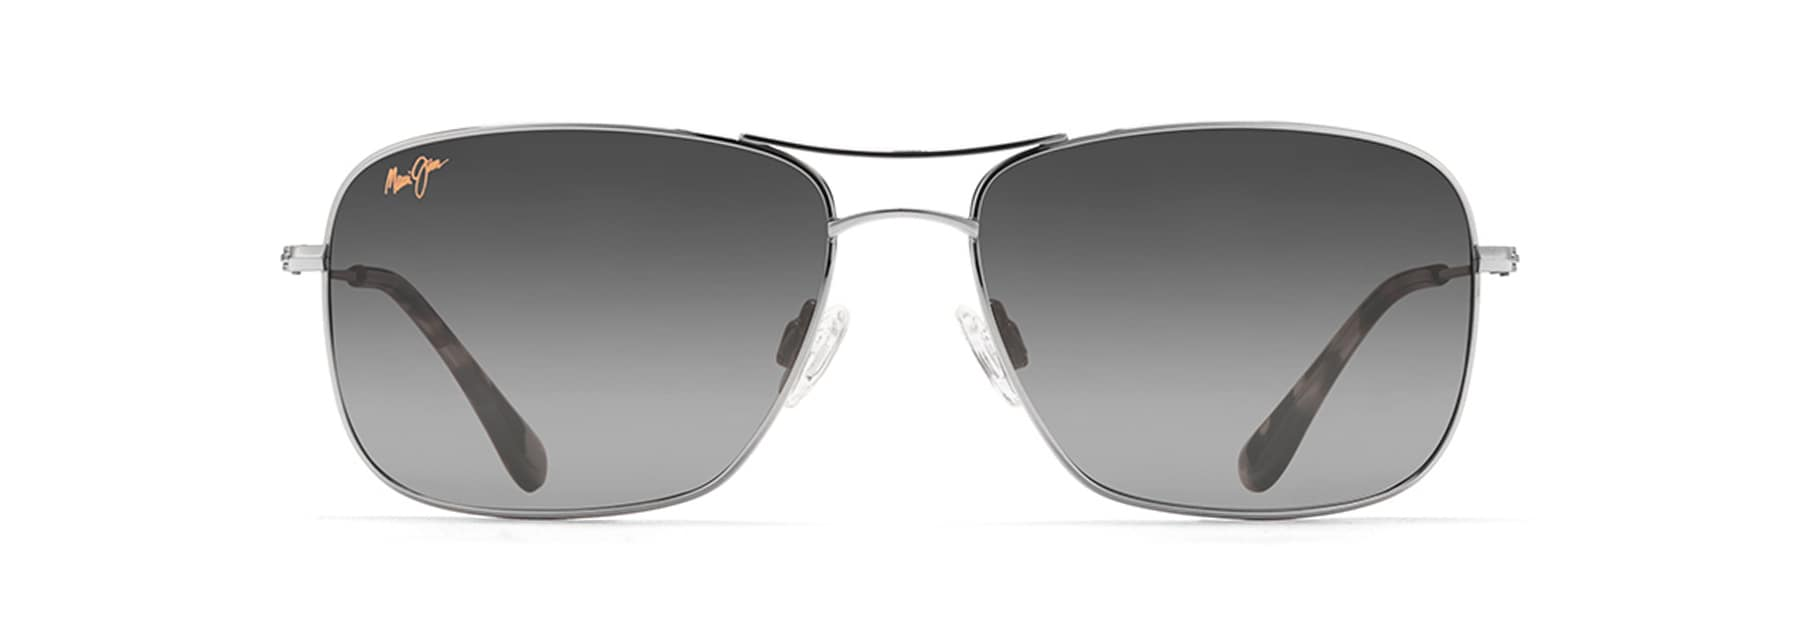 664a6edc1cc2d8 Wiki Wiki lunettes de soleil polarisées   Maui Jim®